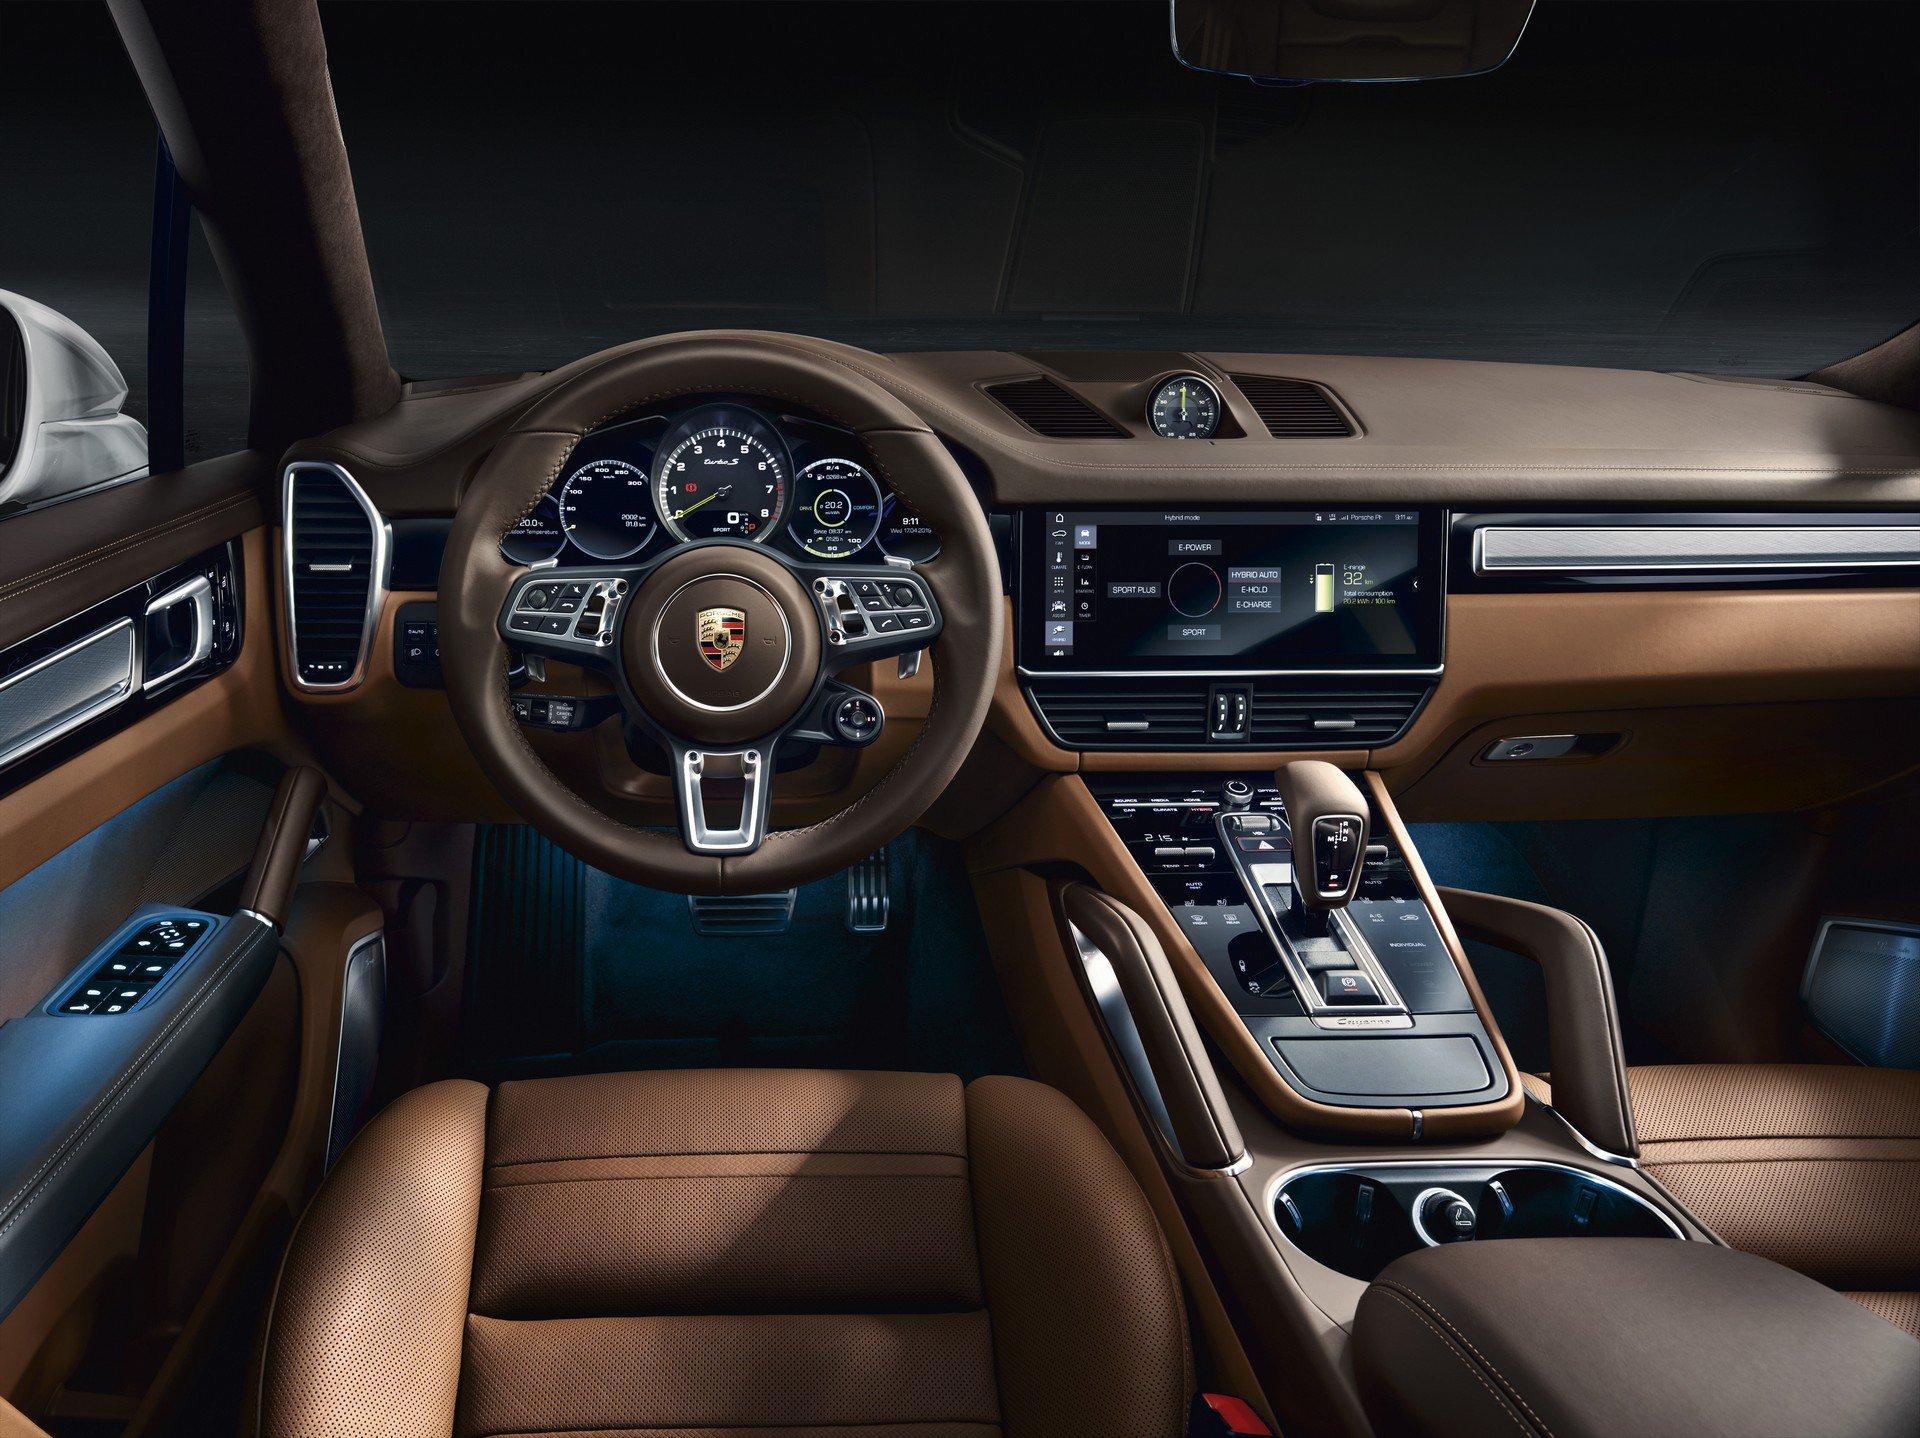 Porsche Cayenne Turbo S E-Hybrid i Cayenne Turbo S E-Hybrid Coupe